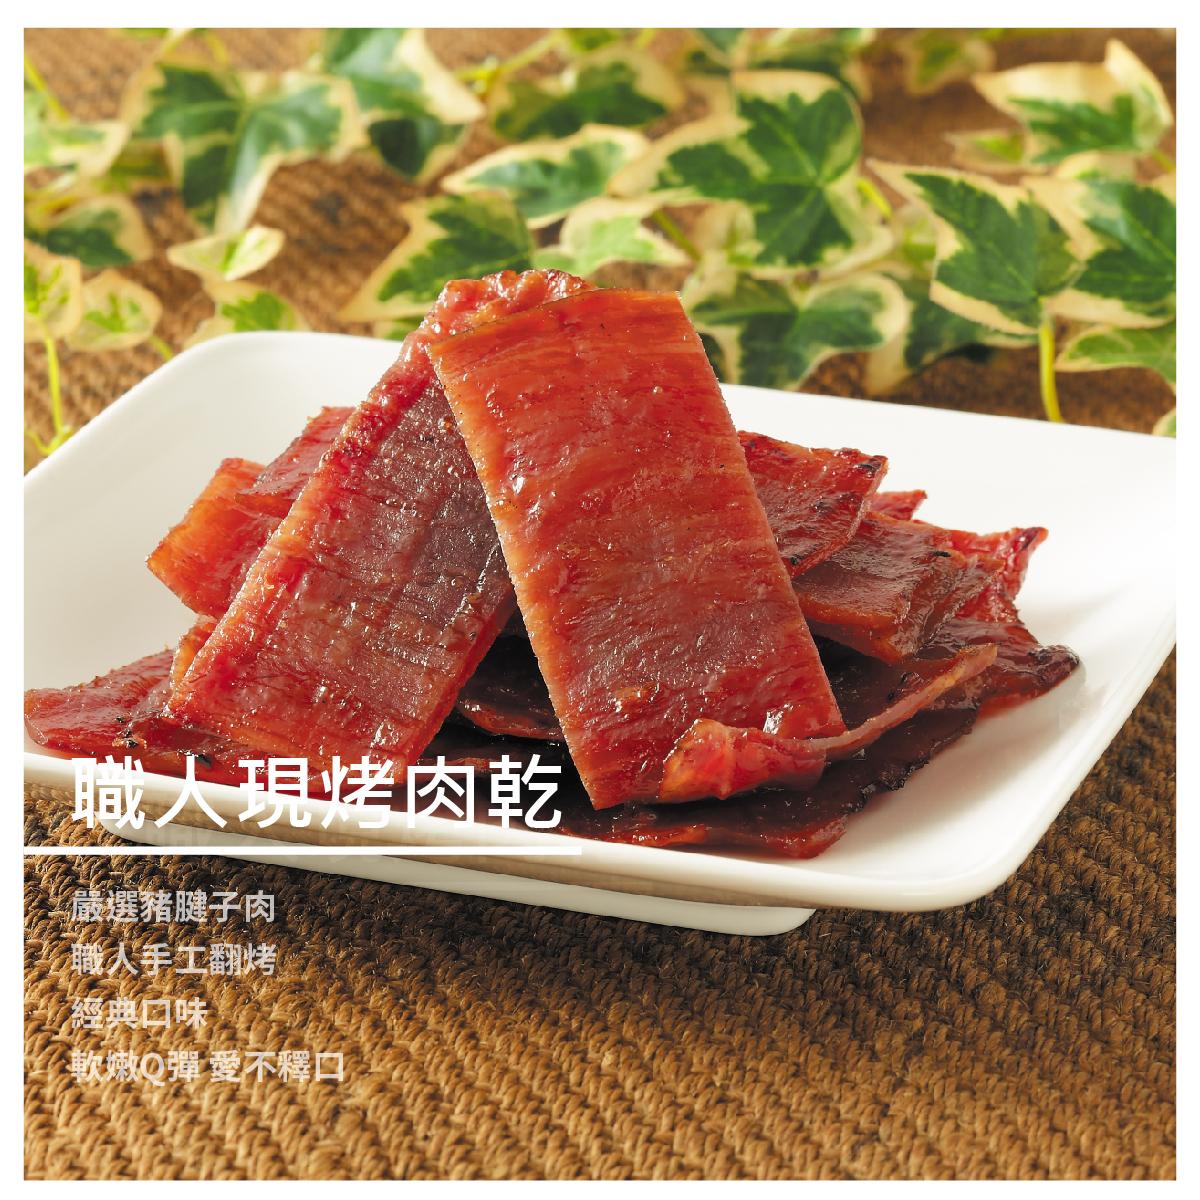 【合口味肉品】職人現烤肉乾/4款(蜜汁.黑胡椒.古早味.泰式)3包